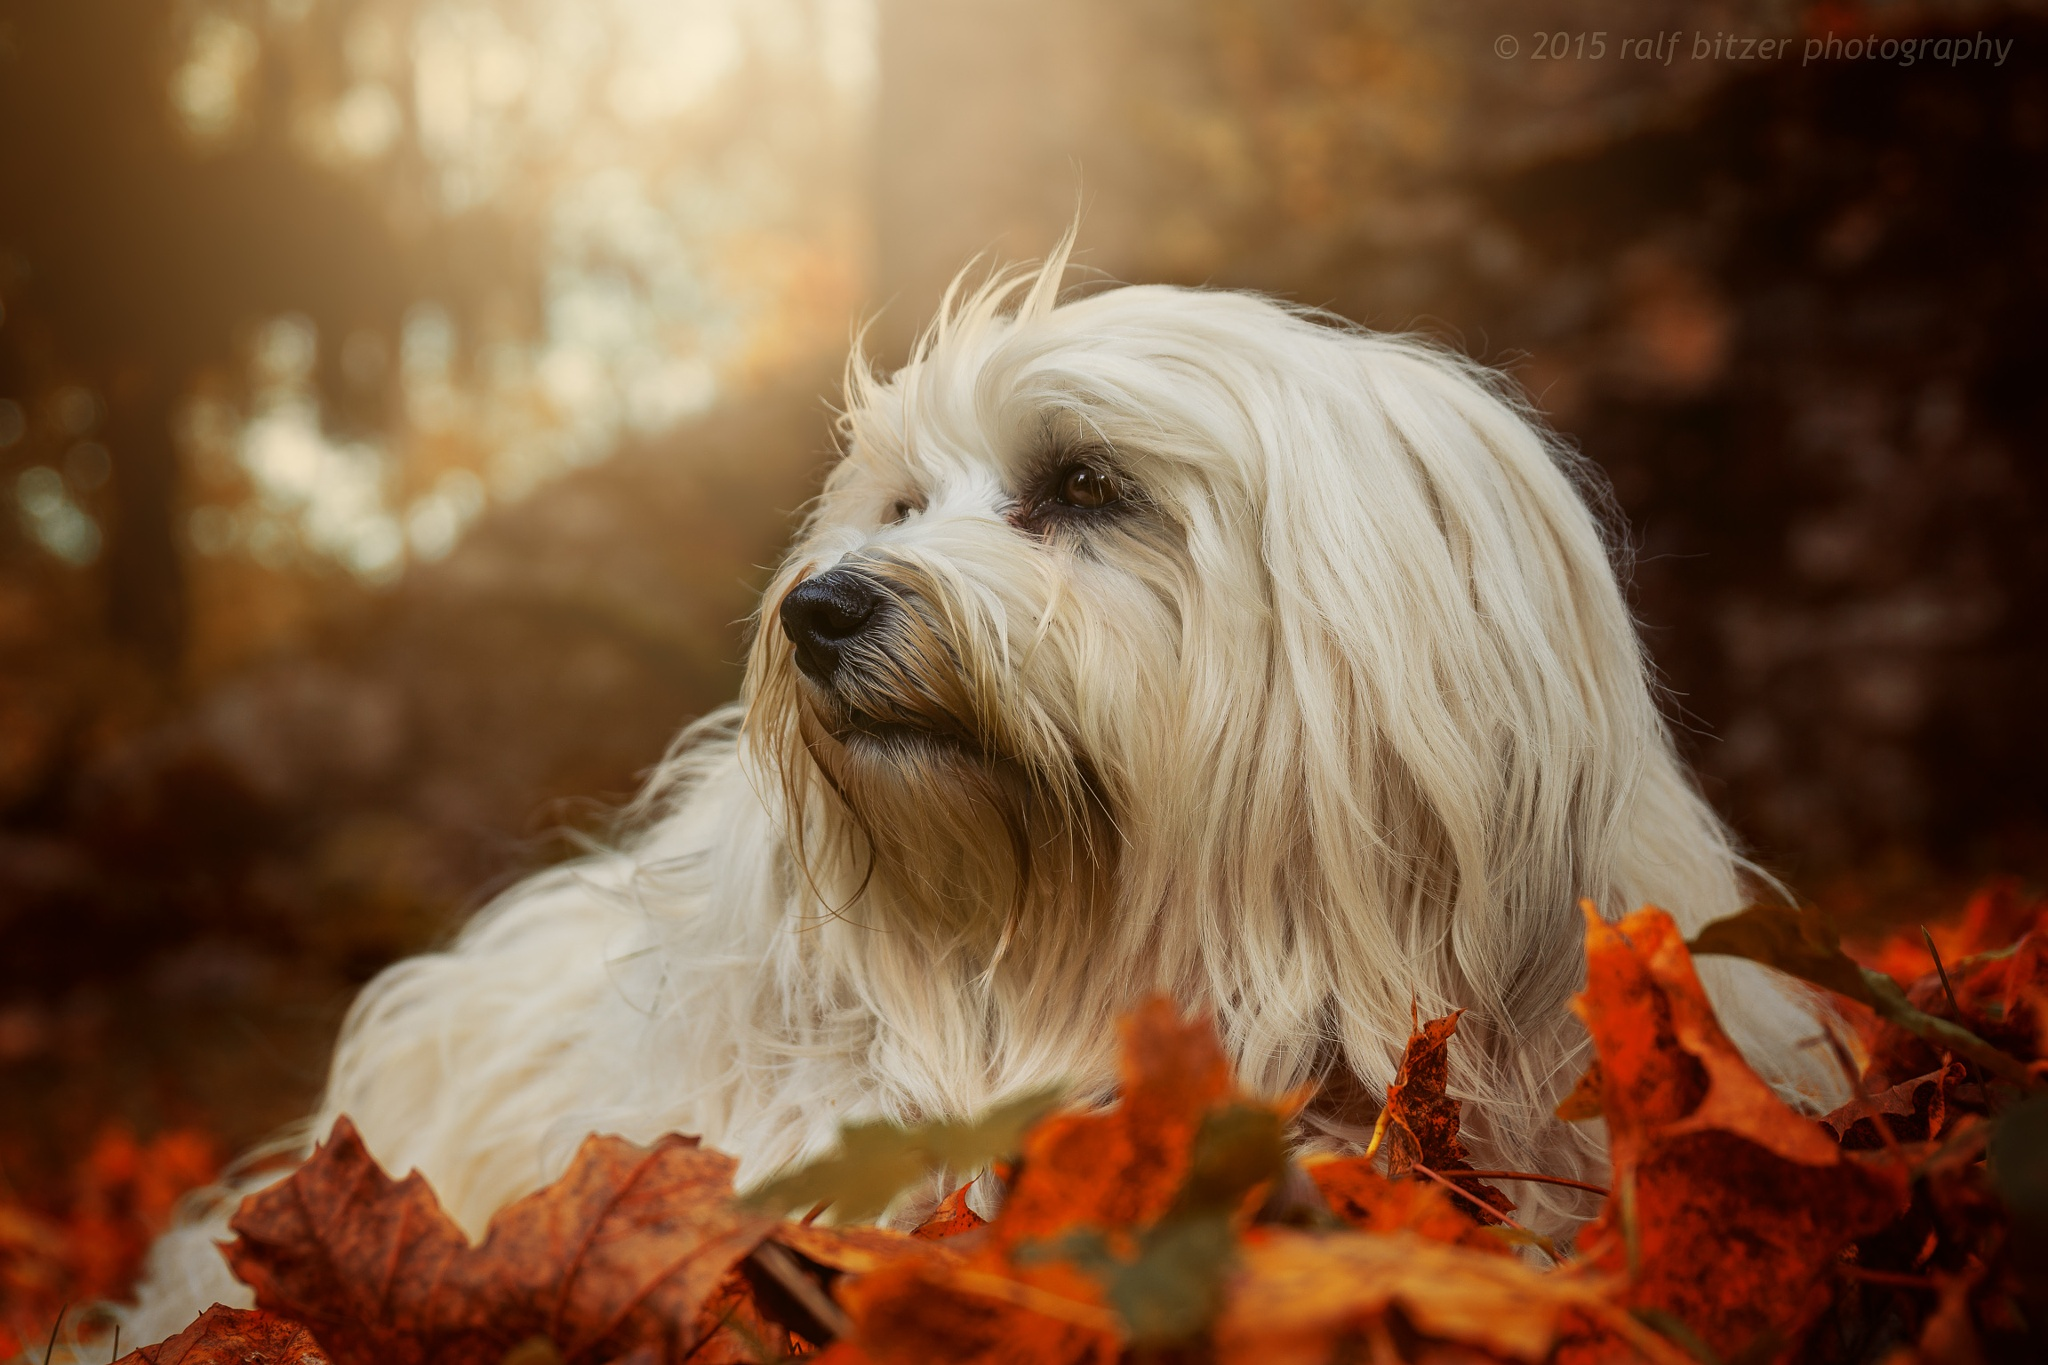 Wonderful autumn by Ralf Bitzer